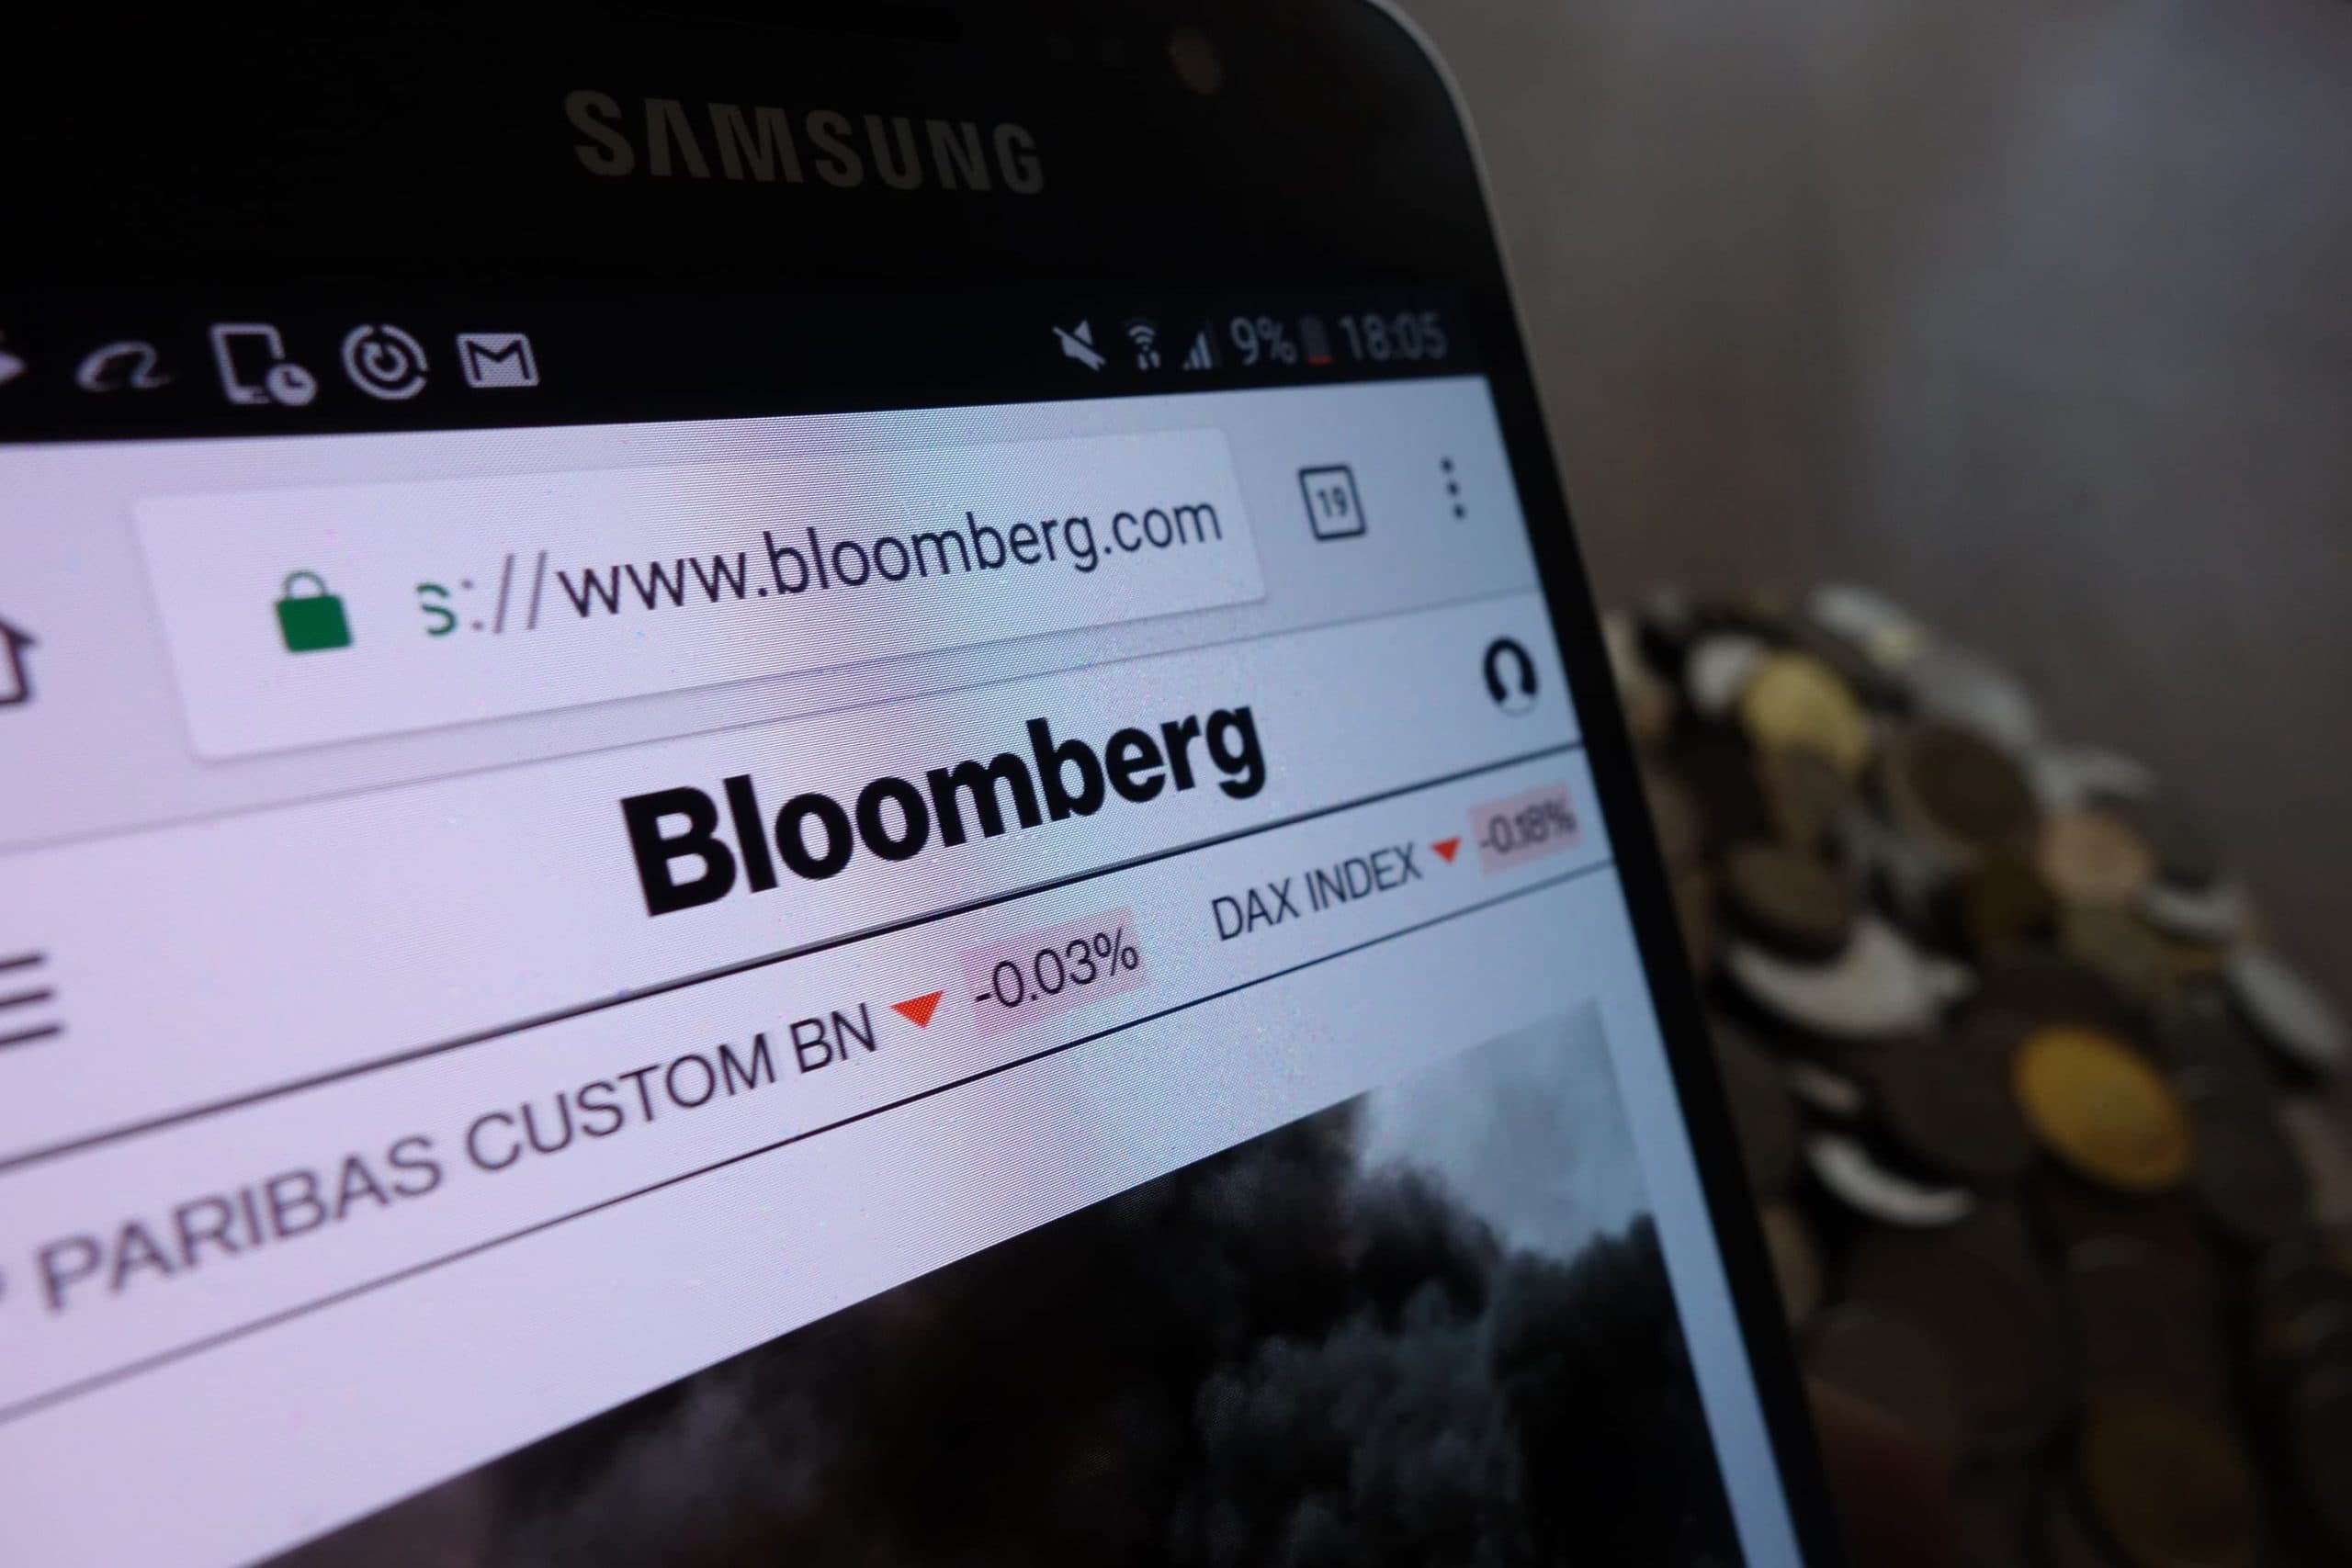 Auf einem Bildschirm ist die Homepage von Bloomberg zu sehen.